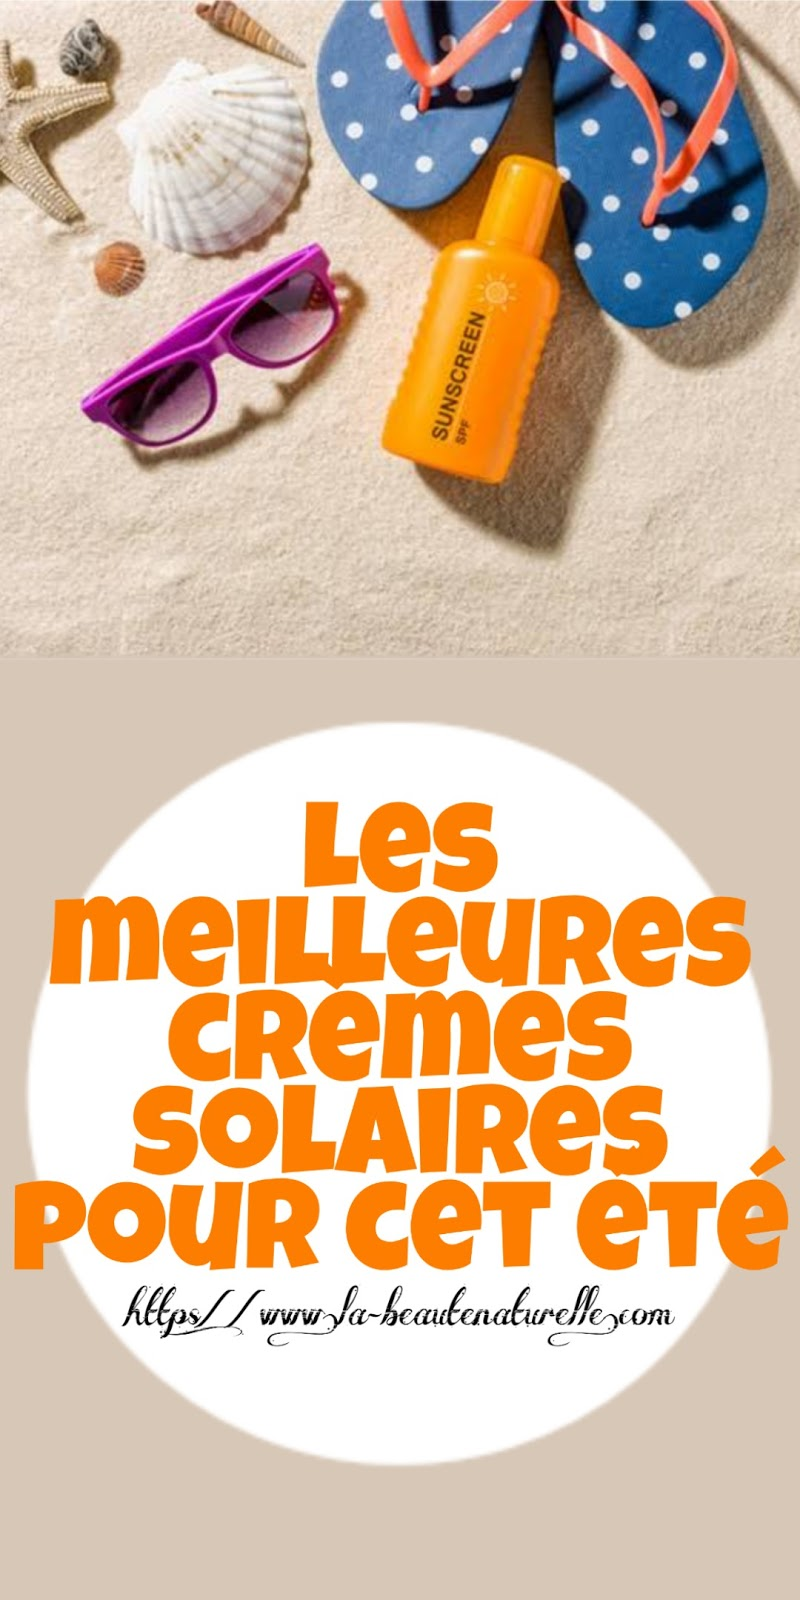 Les meilleures crèmes solaires pour cet été